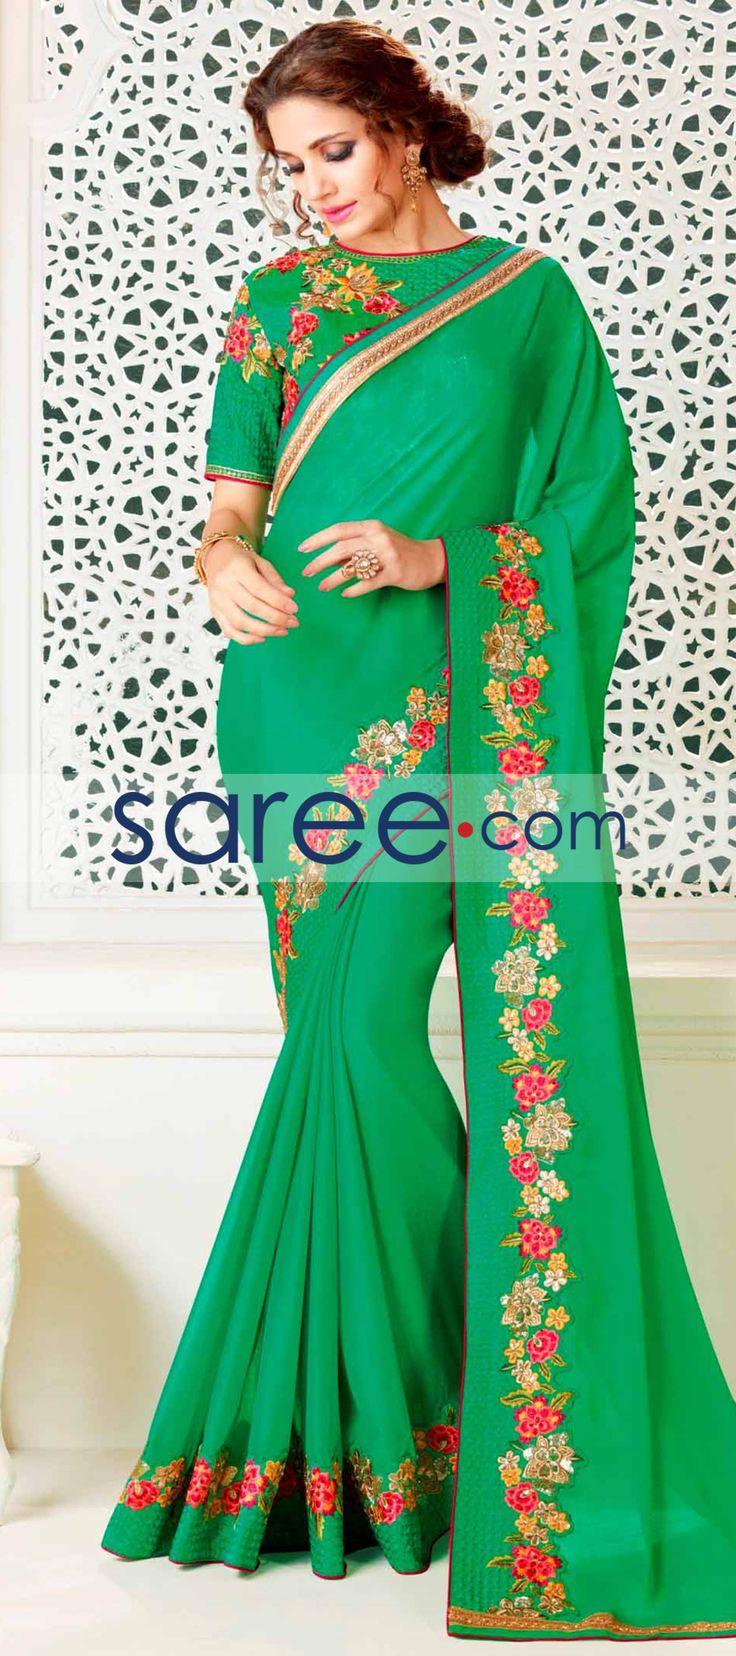 GREEN CHIFFON SAREE WITH EMBROIDERY WORK  #Saree #GeorgetteSarees #IndianSaree #Sarees #PartywearSarees #RegularwearSarees #officeWearSarees #WeddingSarees #BuyOnline #OnlieSarees #GeorgetteSarees #NetSarees #ChiffonSarees #DesignerSarees #SareeFashion